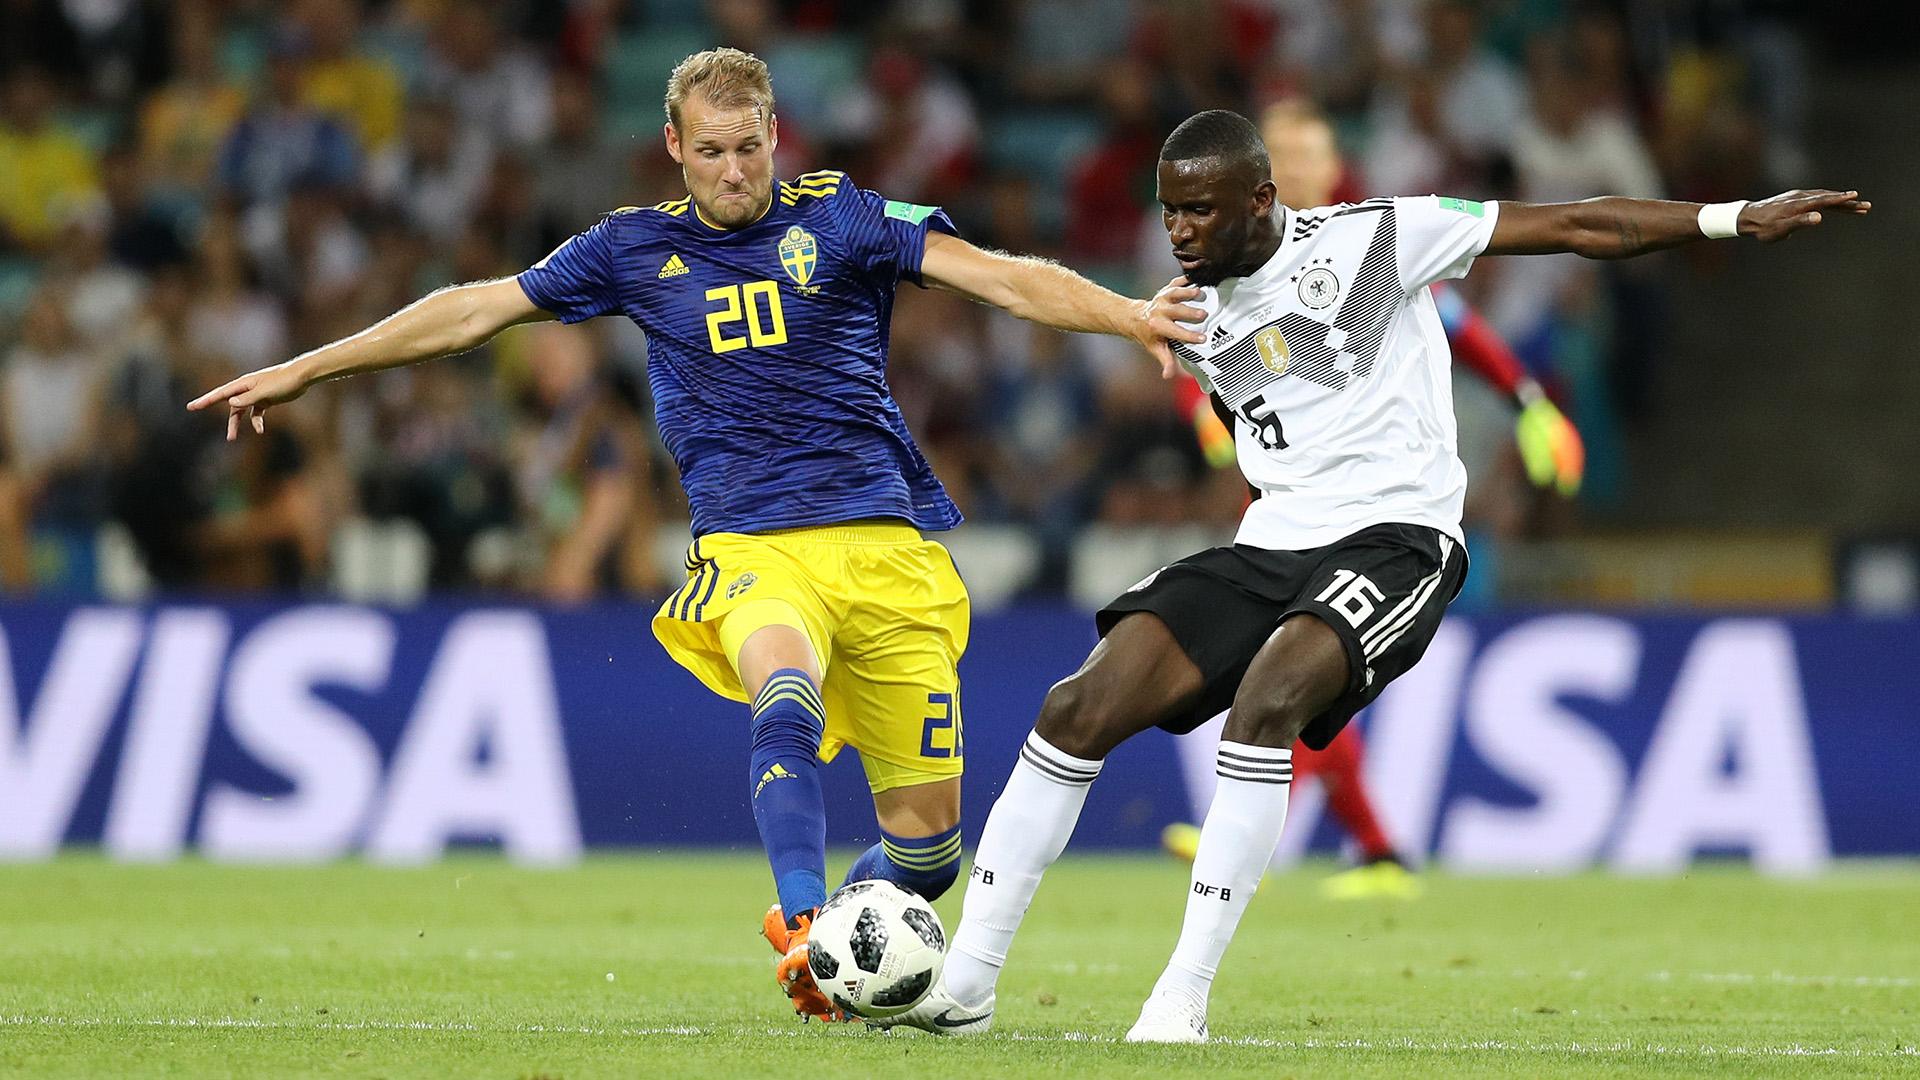 Berg Rudiger Sweden Germany World Cup 2018